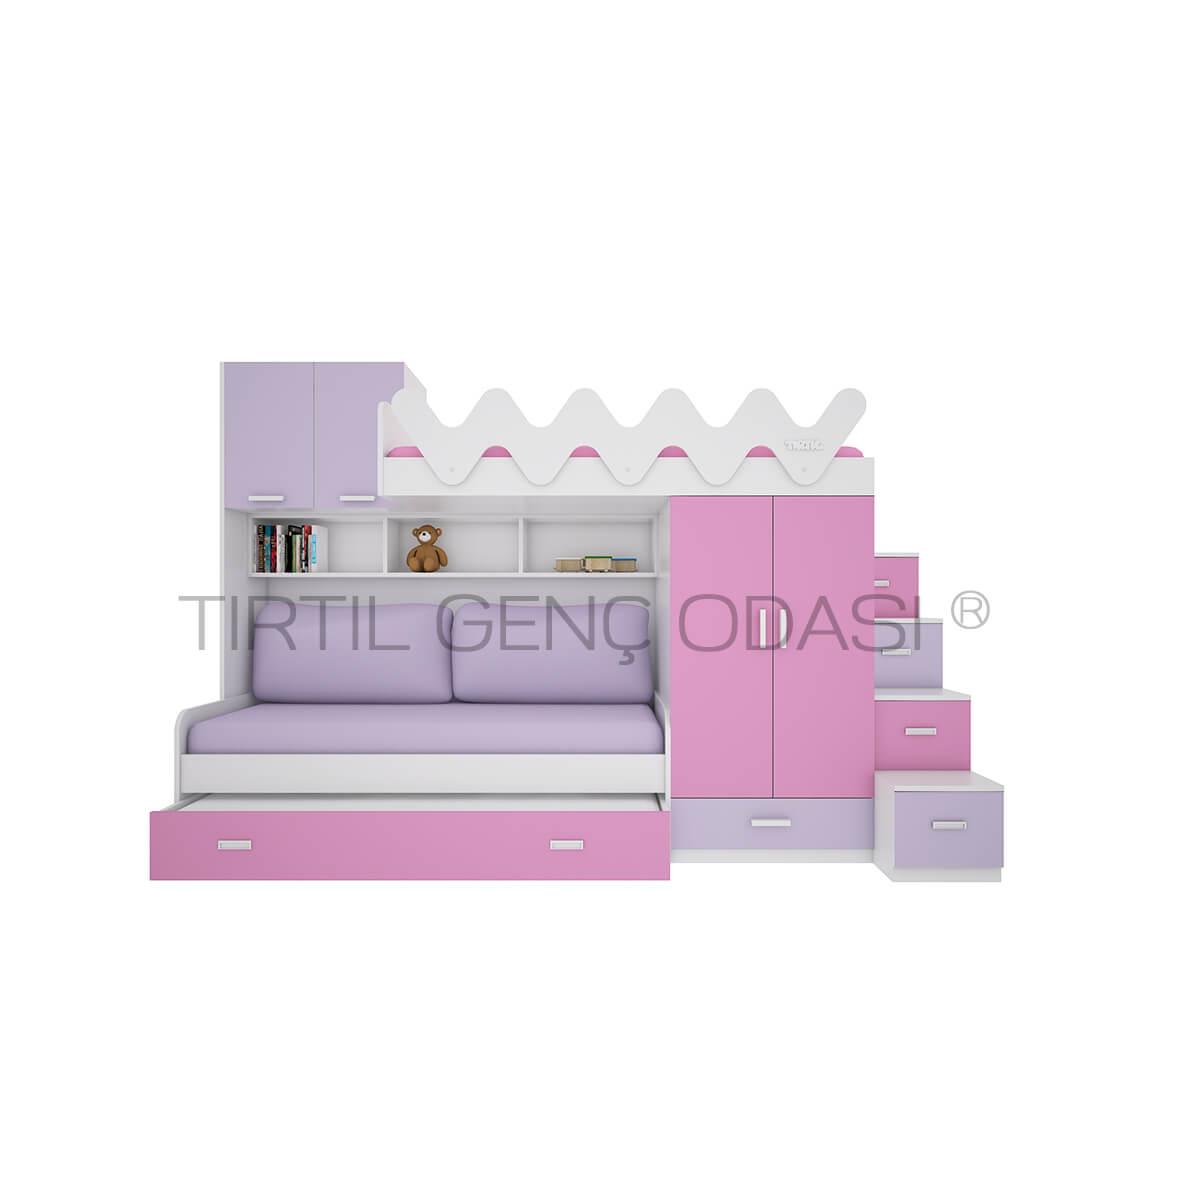 Tırtıl Mobilya Üç Yataklı Dolaplı Ranza Modelleri Fiyatları